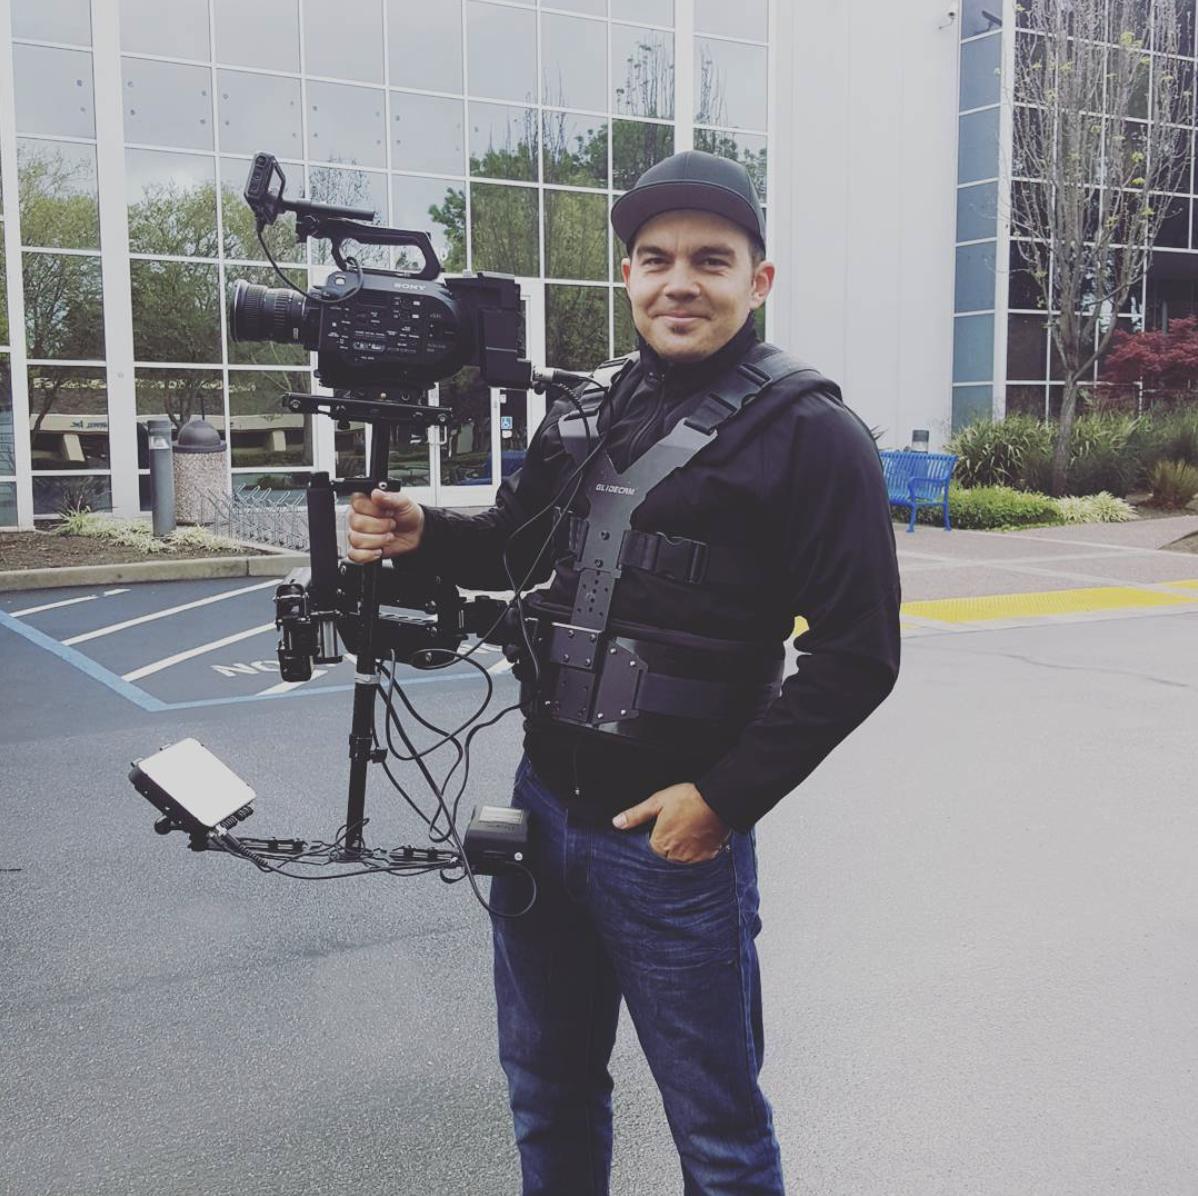 Ovi Balc - Filmmaker